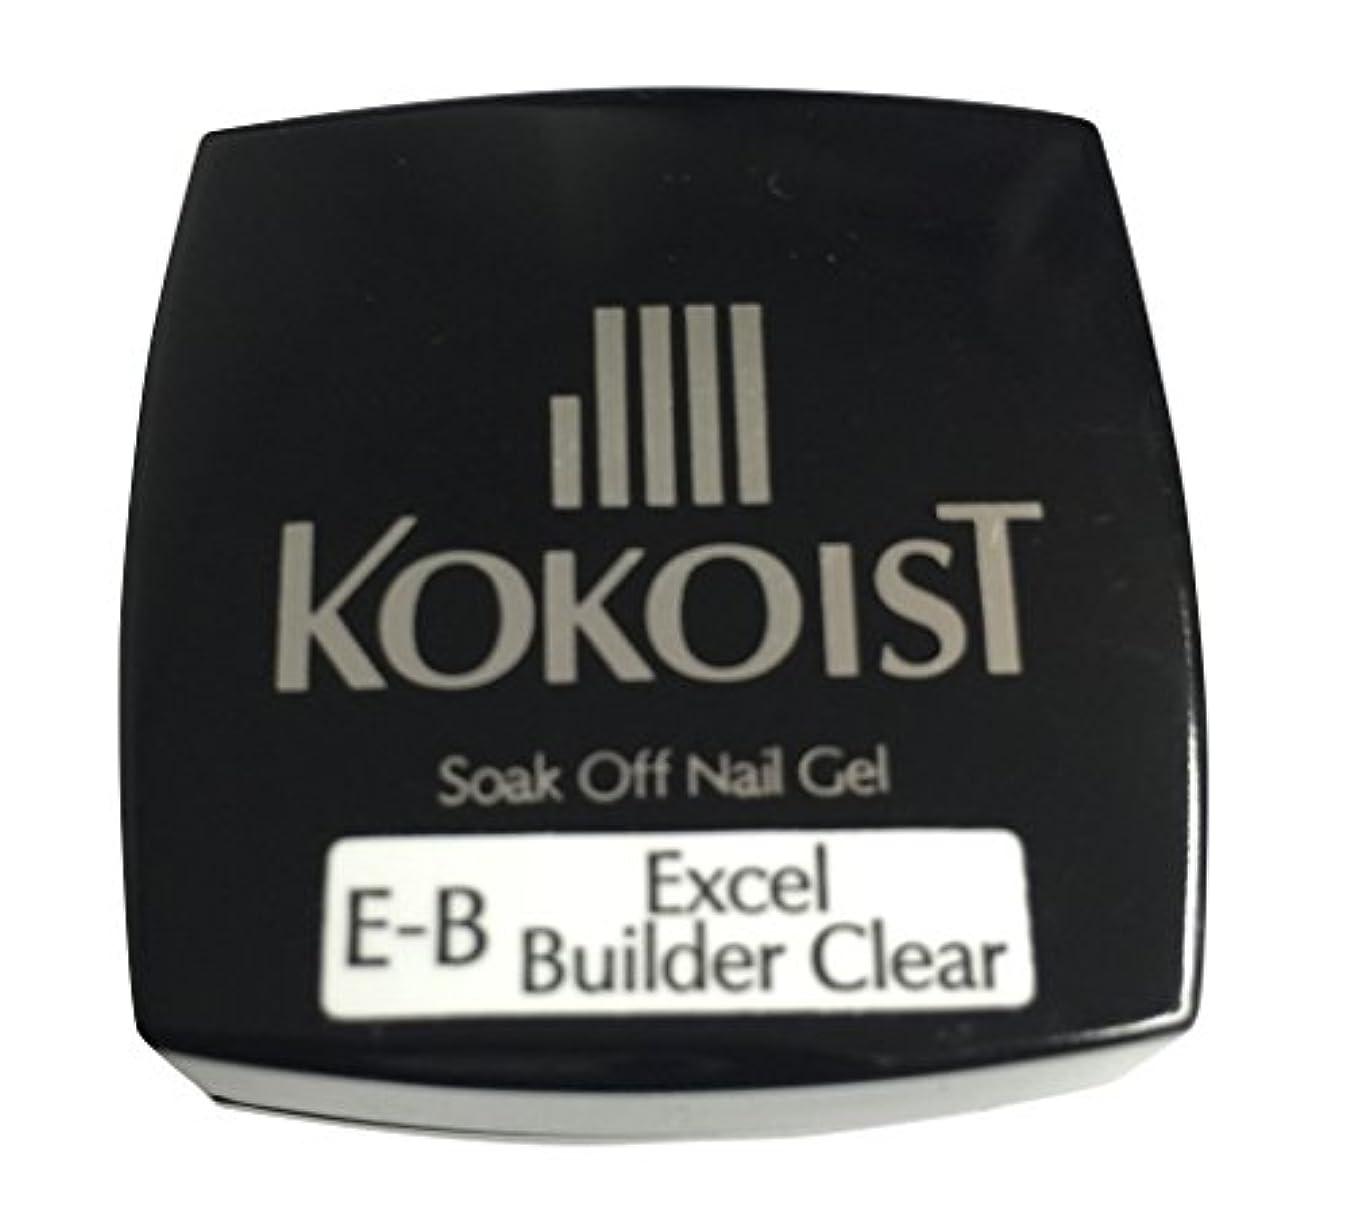 ヘア見捨てられたしおれたKOKOIST(ココイスト) ソークオフクリアジェル エクセルビルダー  4g